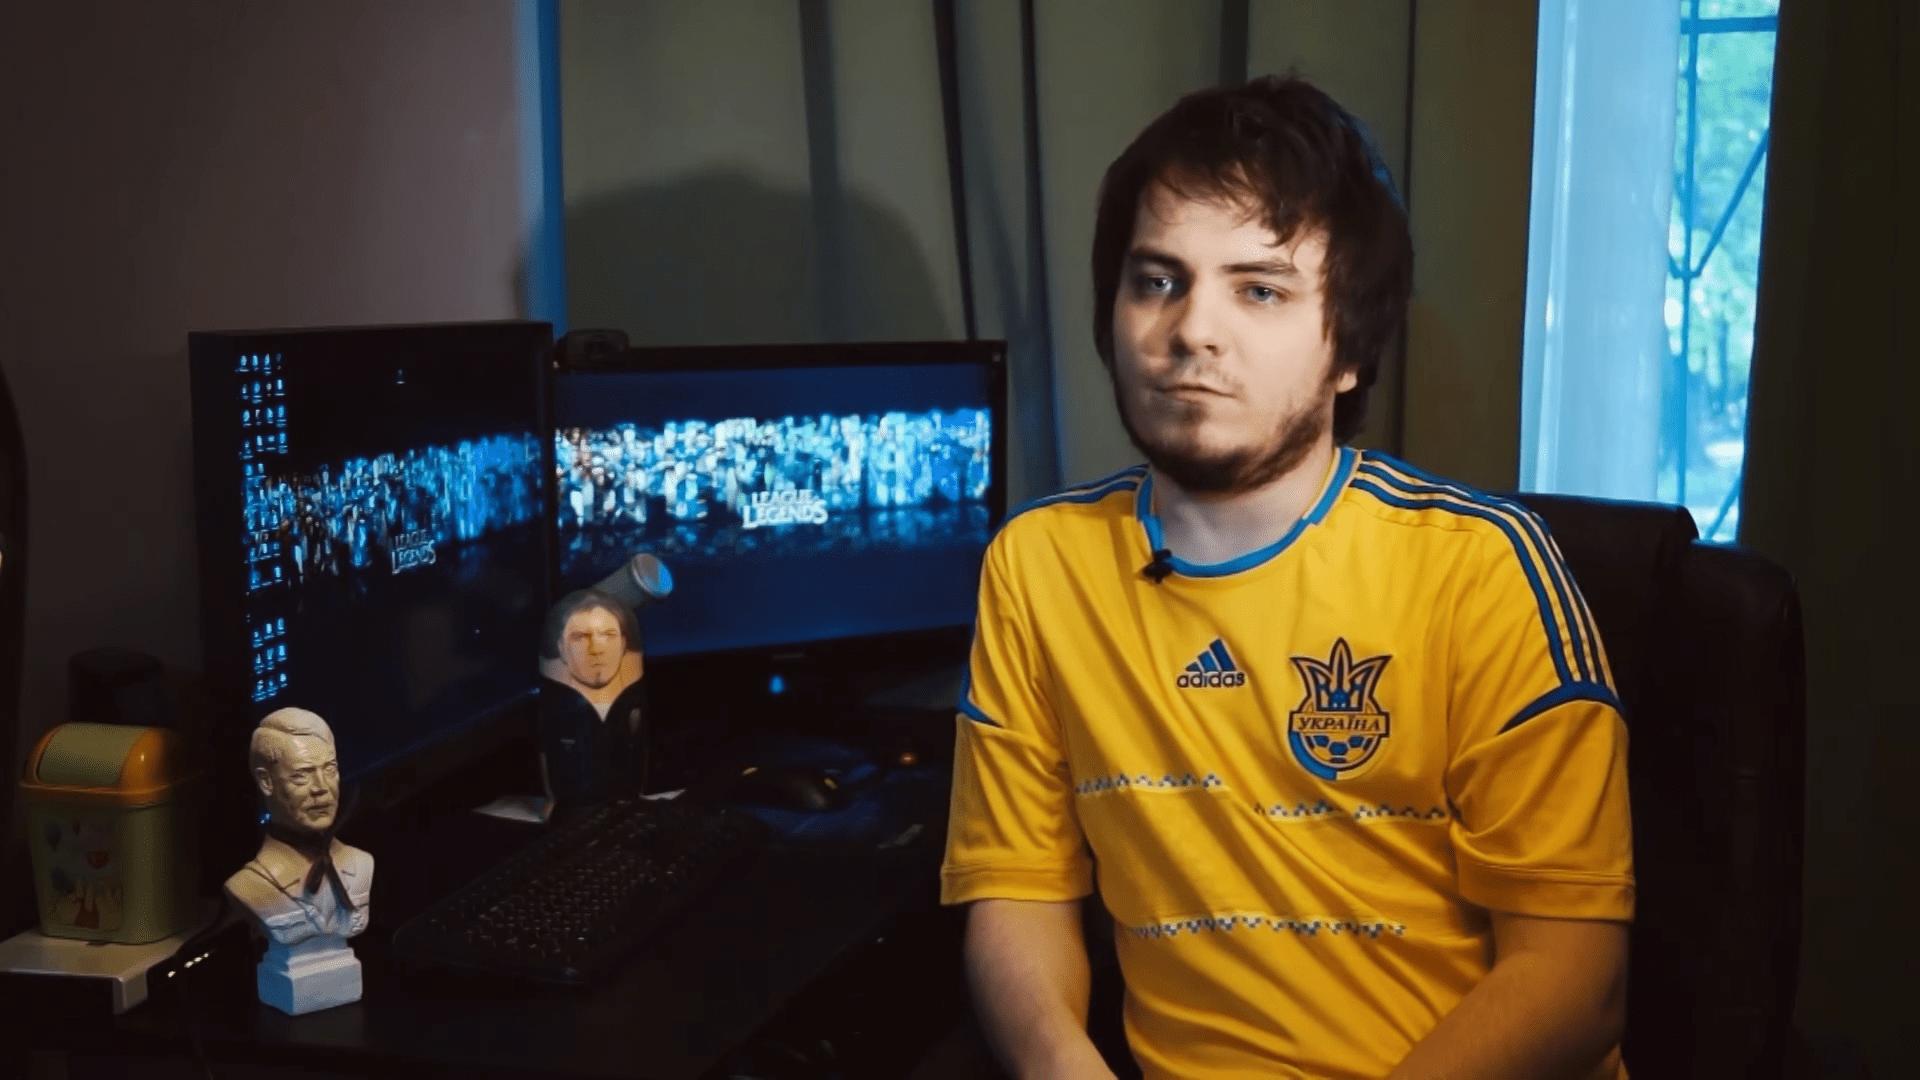 Русофобия здоровье и рубли вспоминаем сколько раз Maddyson уходил с Twitch и почему возвращался